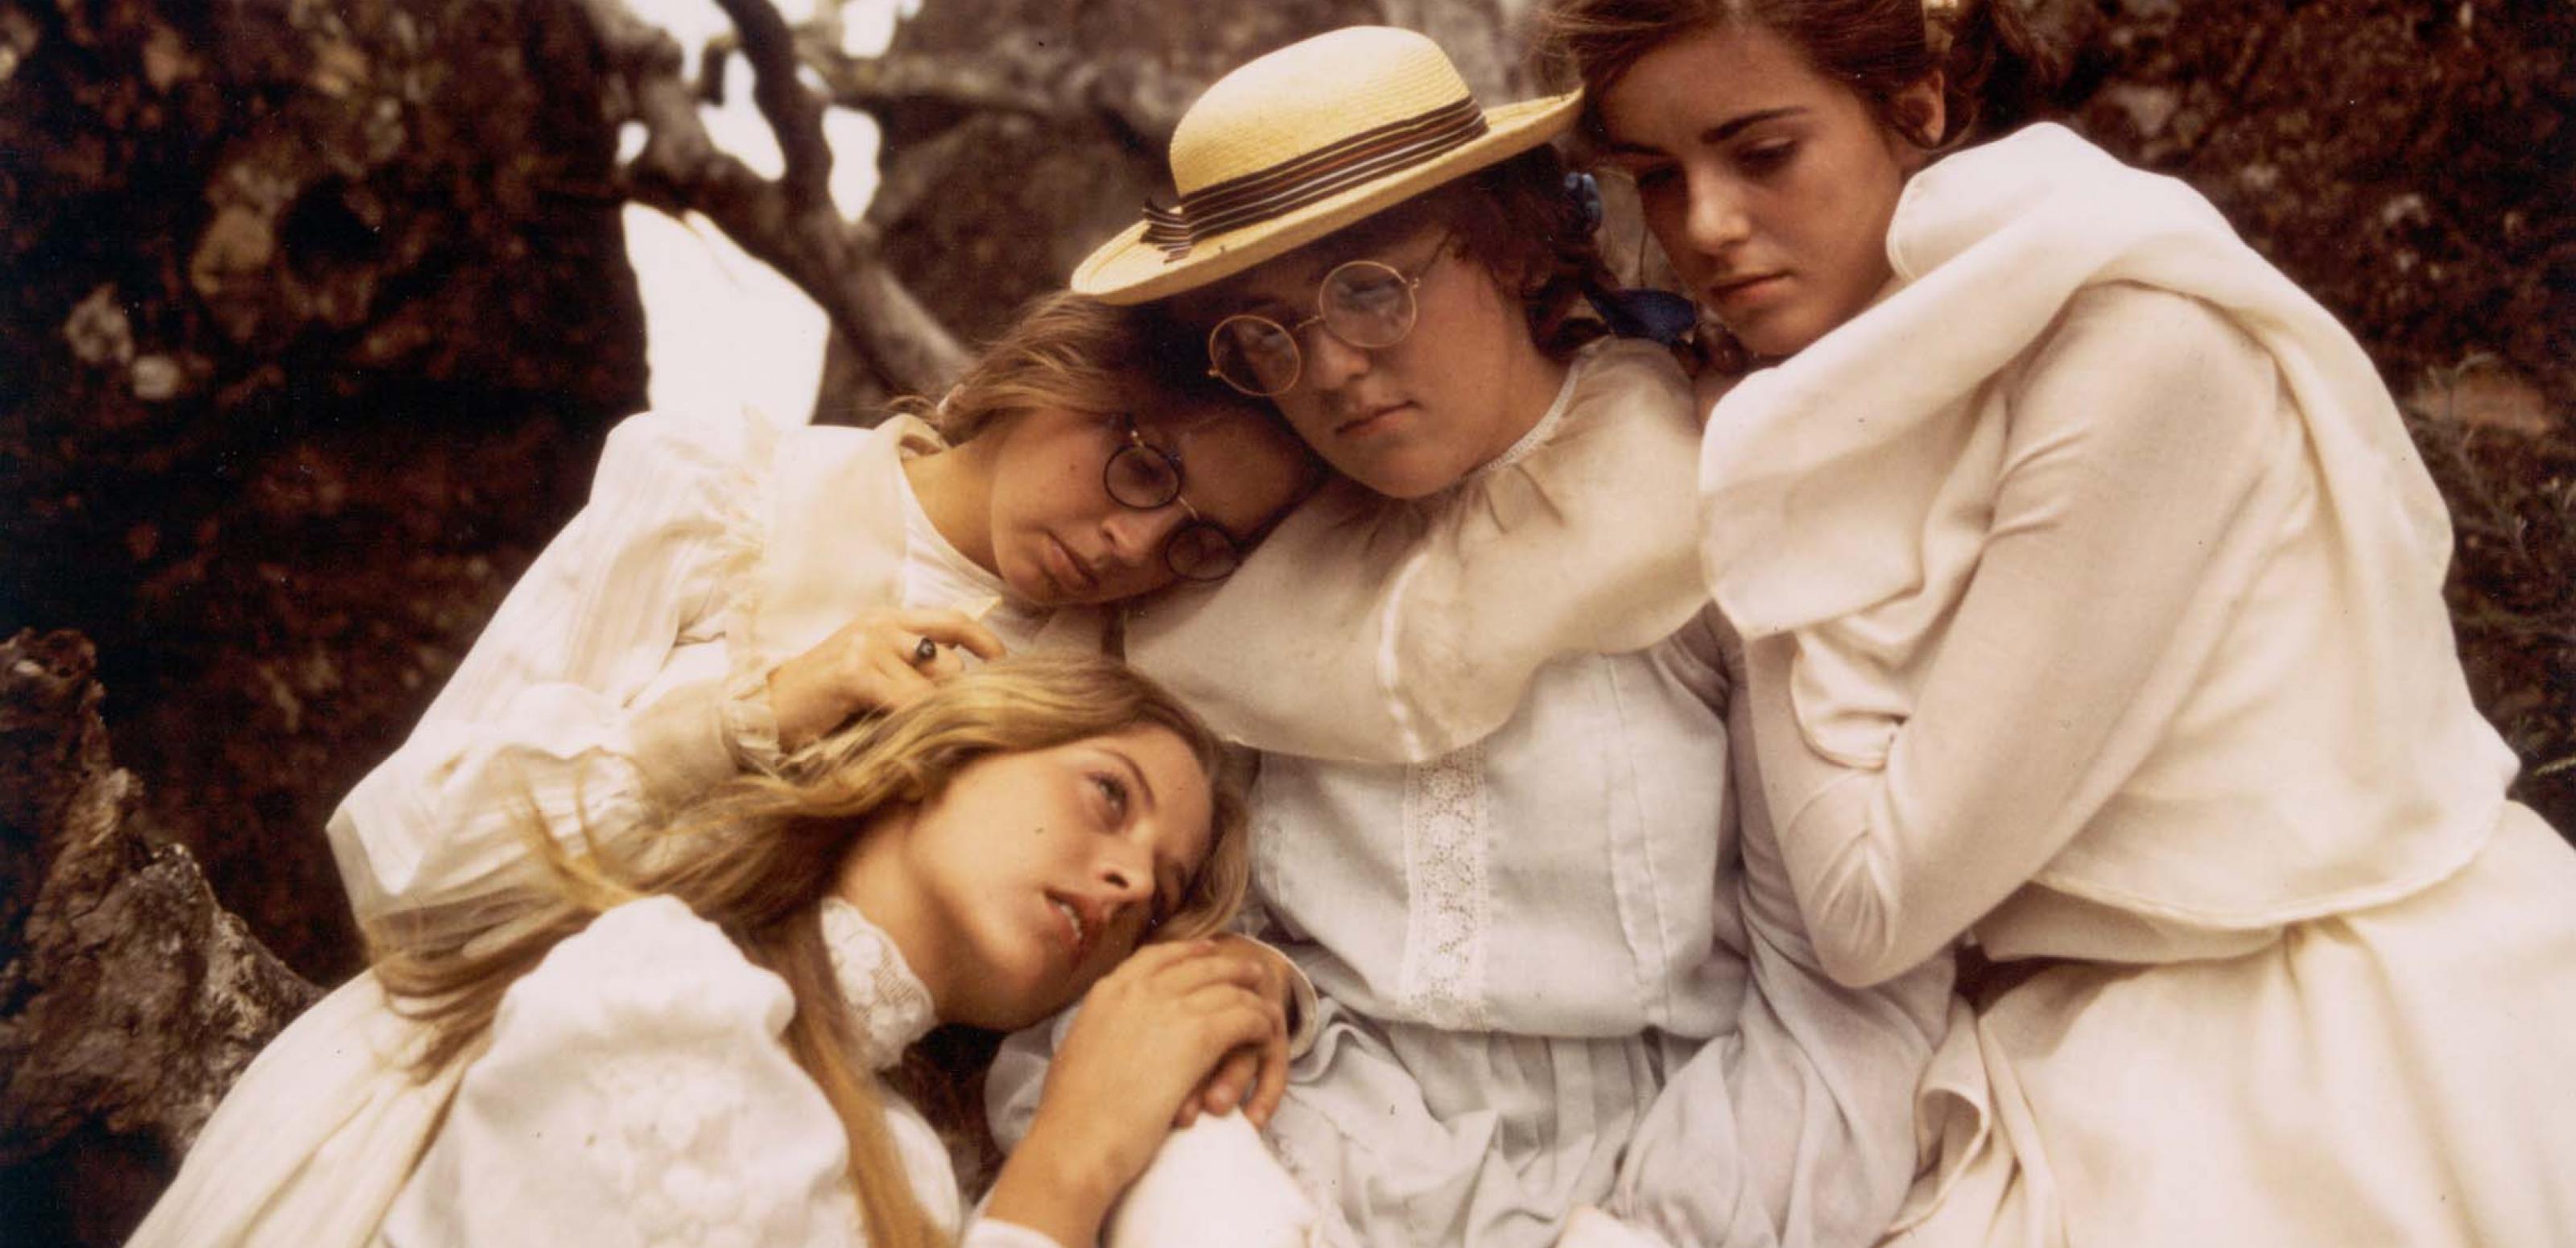 Picknick at Hanging Rock (1975) de Peter Weir